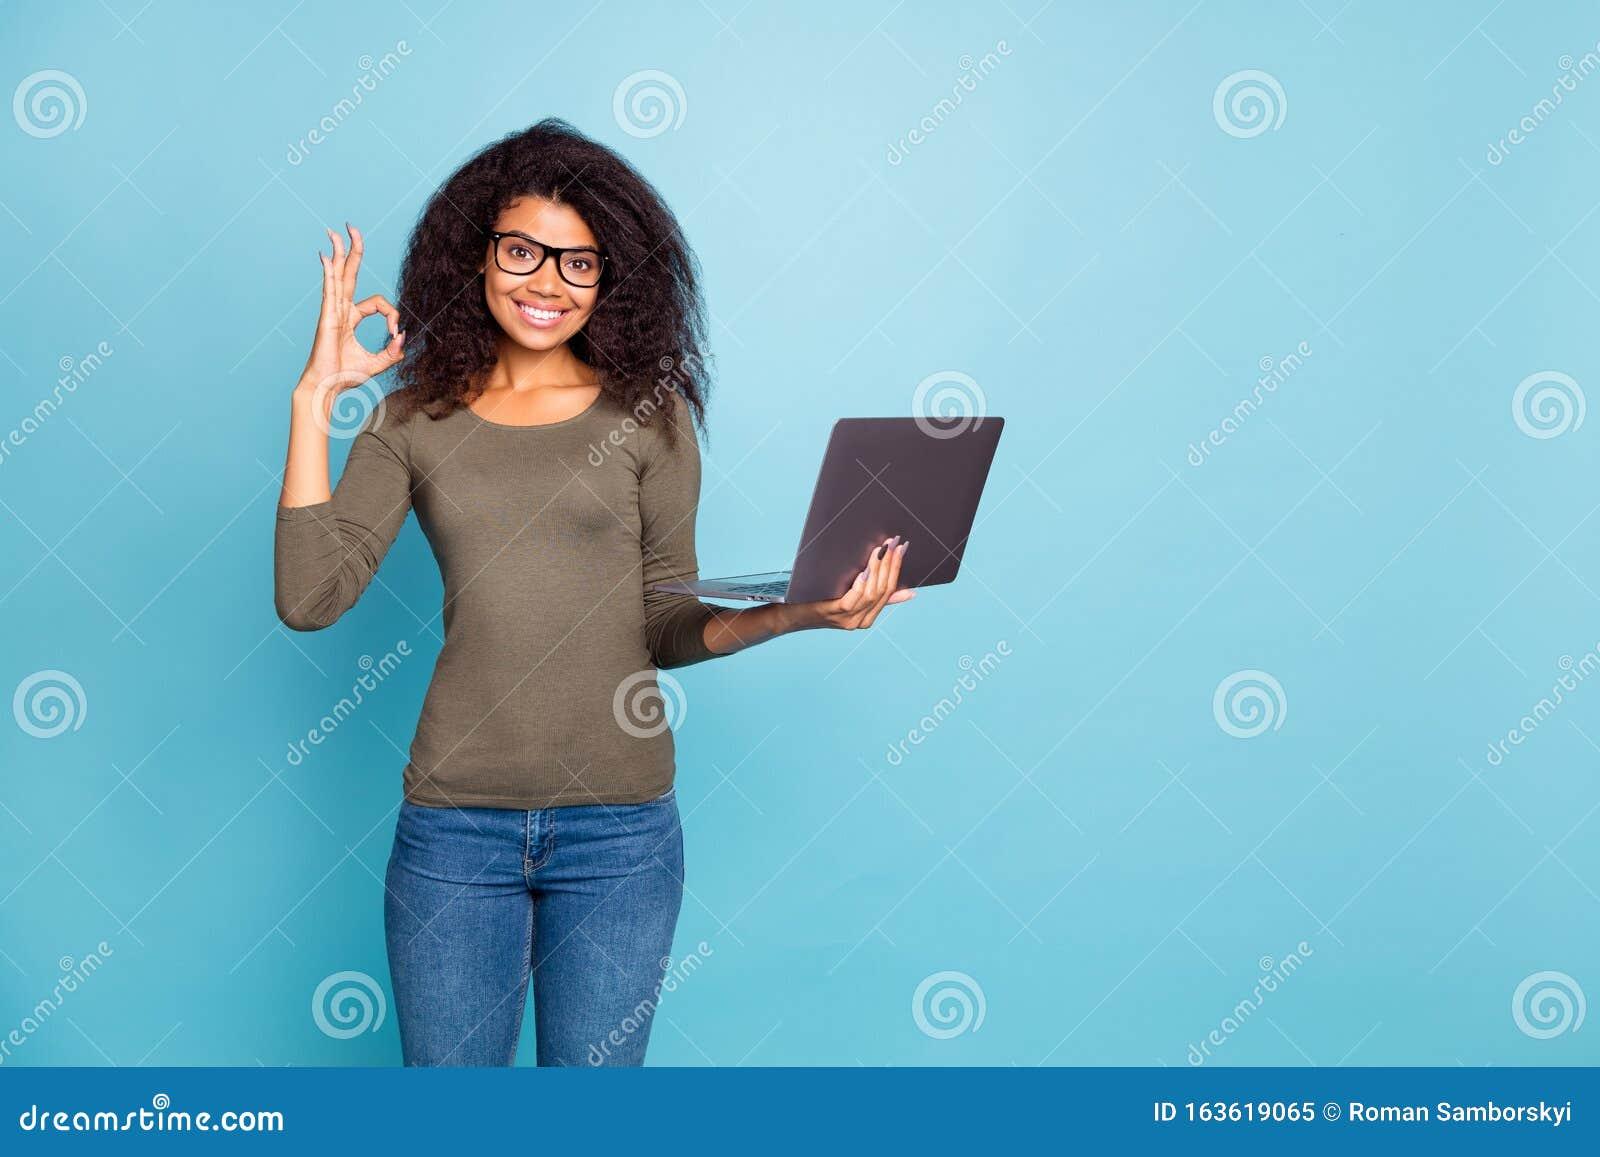 Девушки для рекламы работа юля зайцева